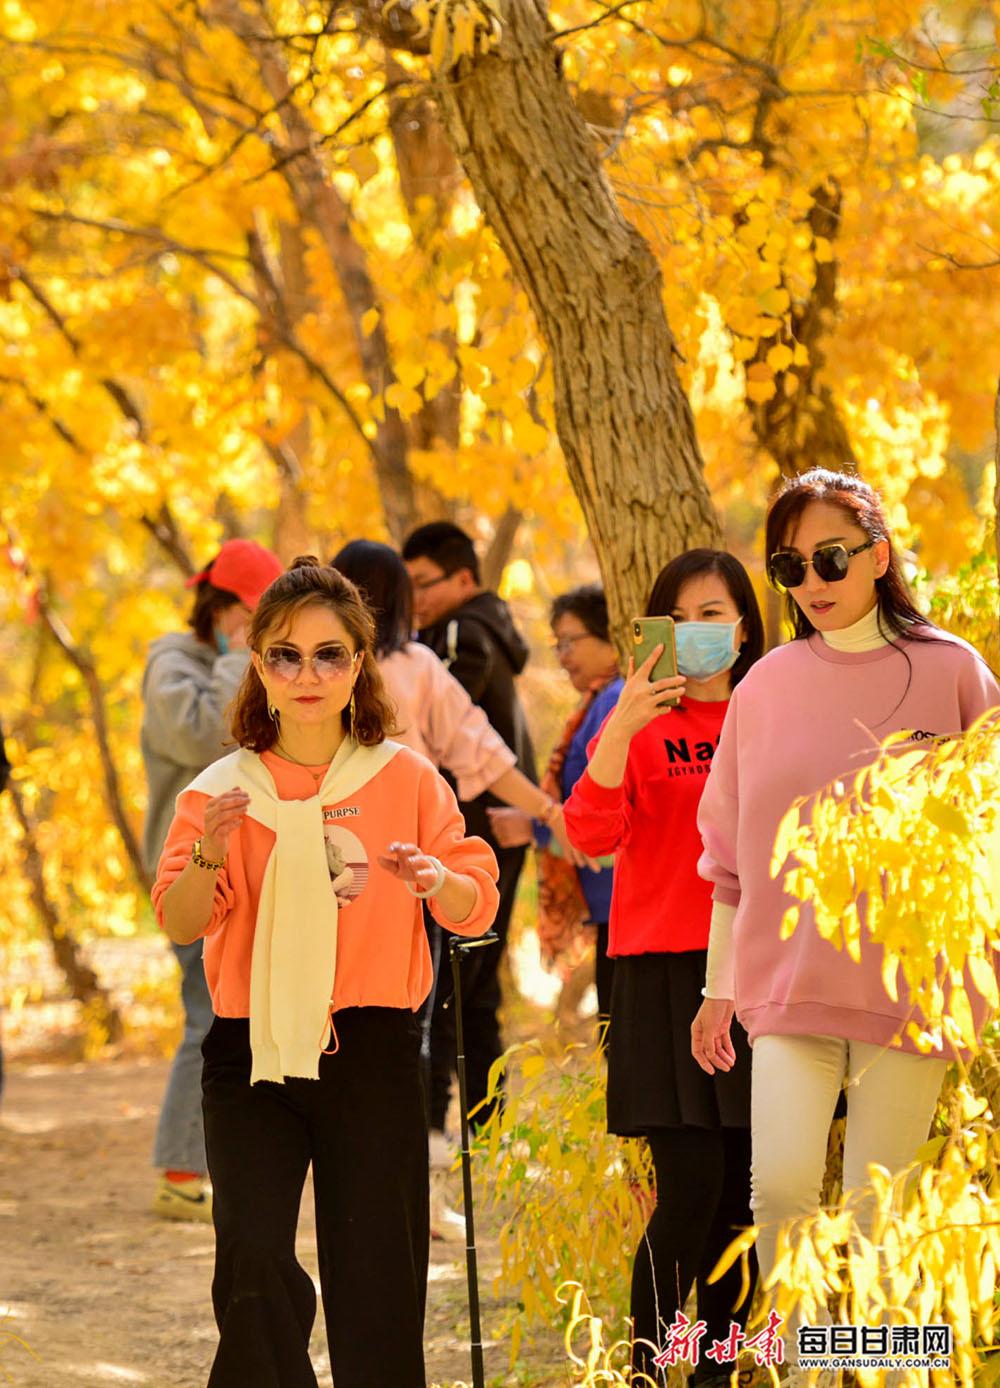 10月11日,游人在敦煌莫高镇胡杨林观赏浓浓的秋色。.jpg